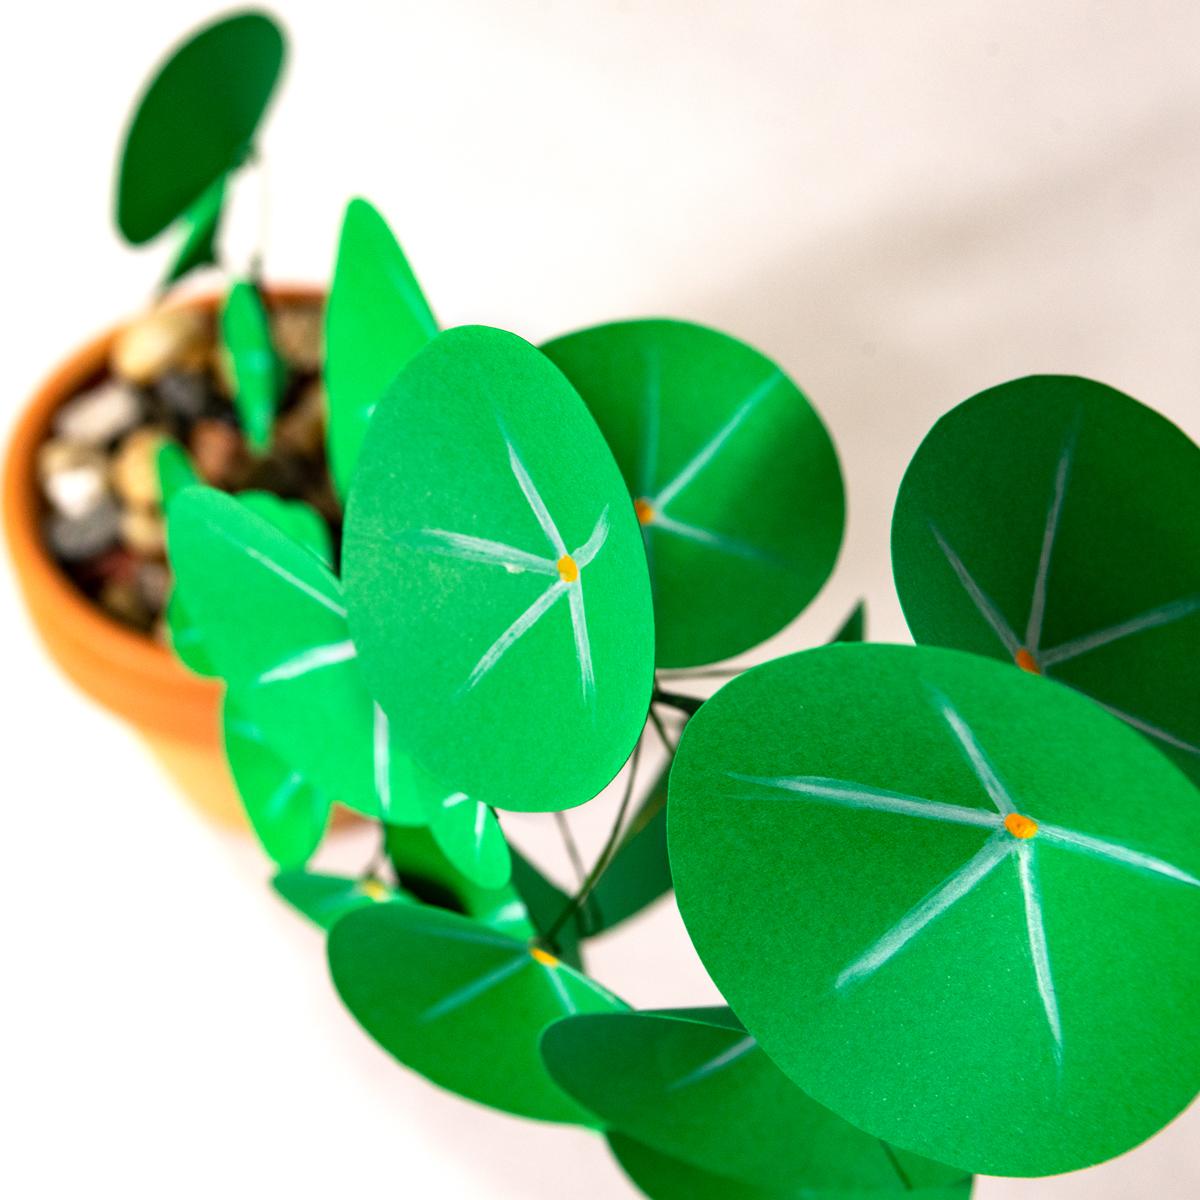 jungla, plantas de papel. pilea planta del dinero detalle